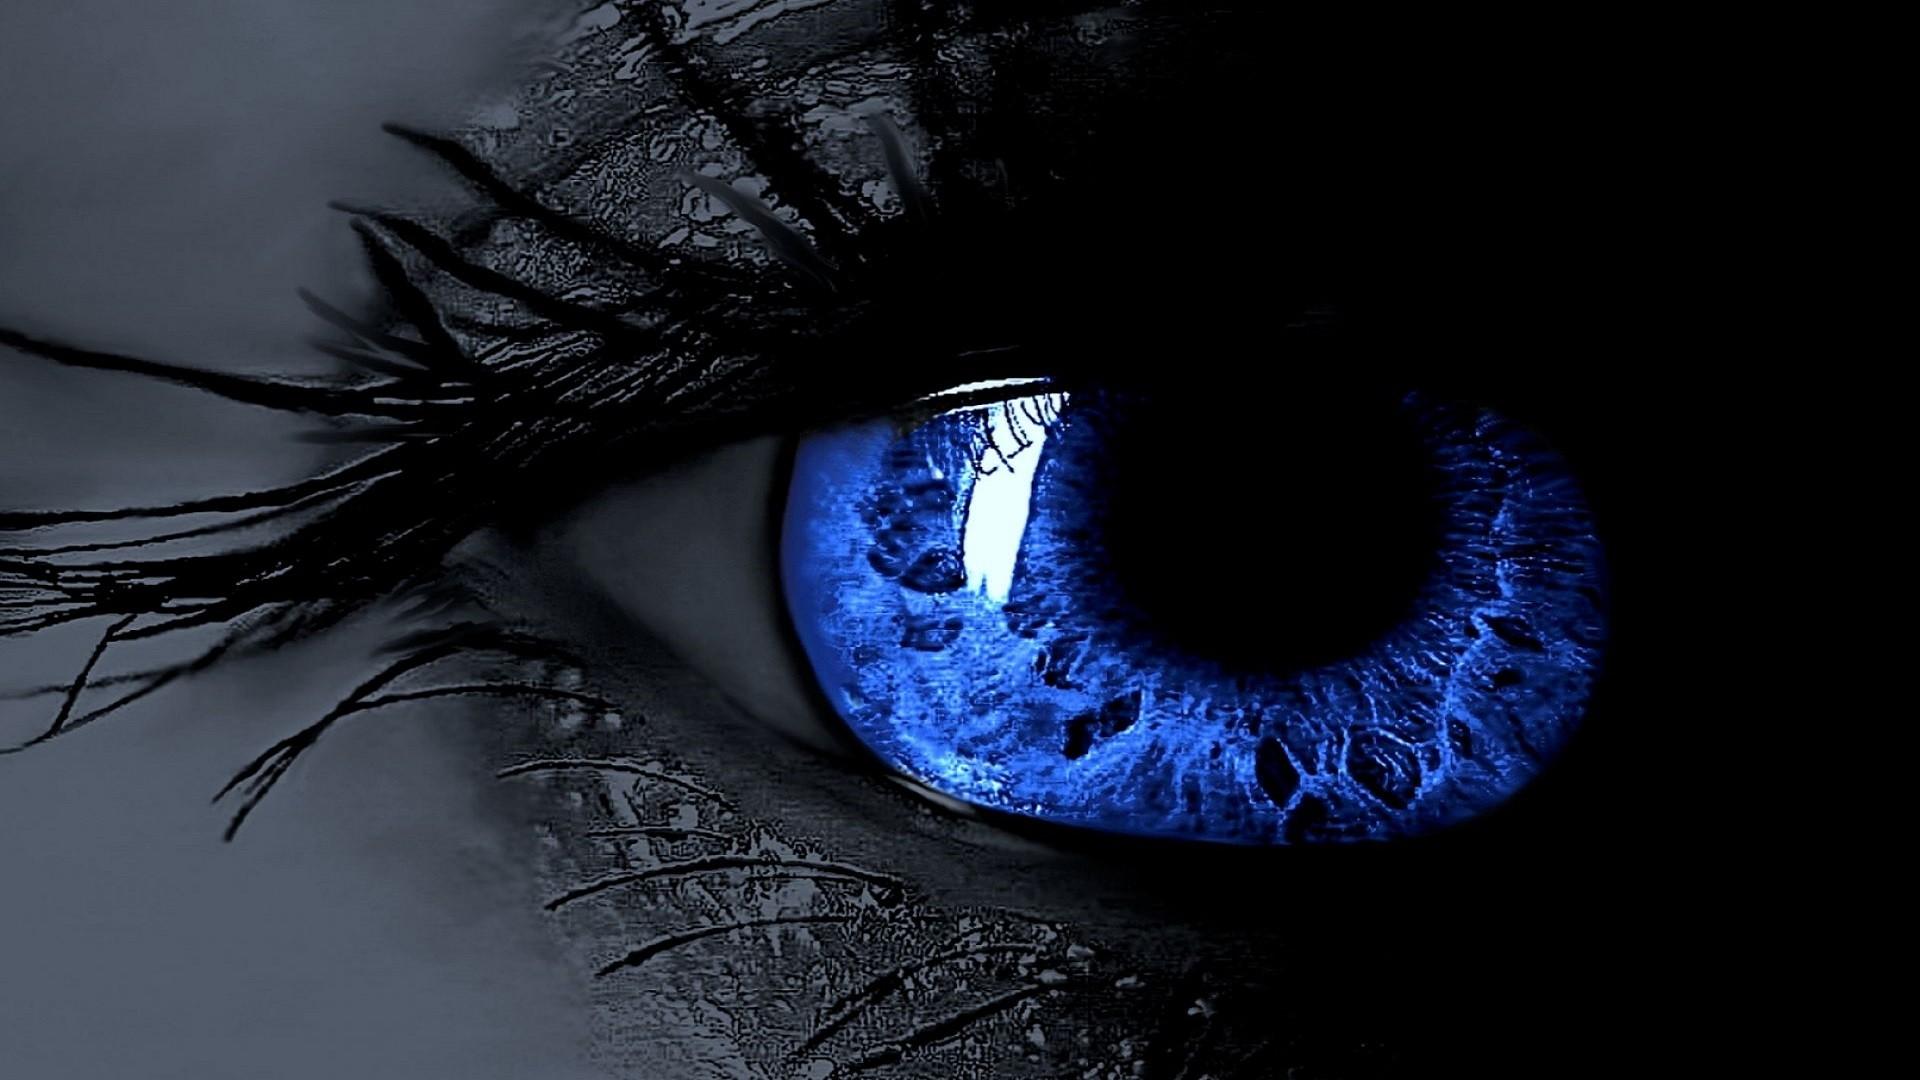 Blue eyes wallpaper hd